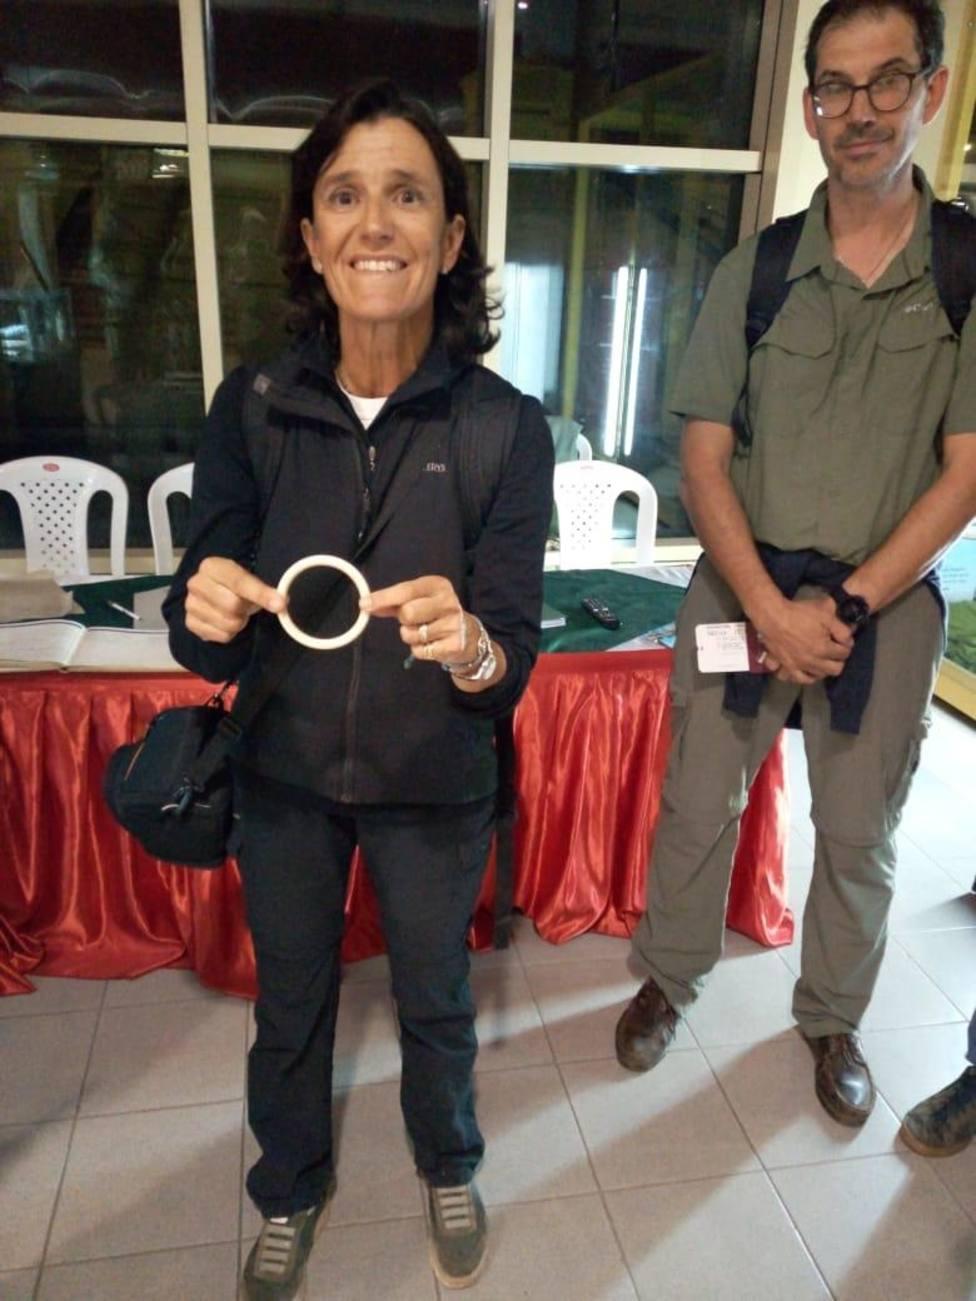 En libertad tras pagar una multa la española detenida en Kenia con una pulsera de marfil